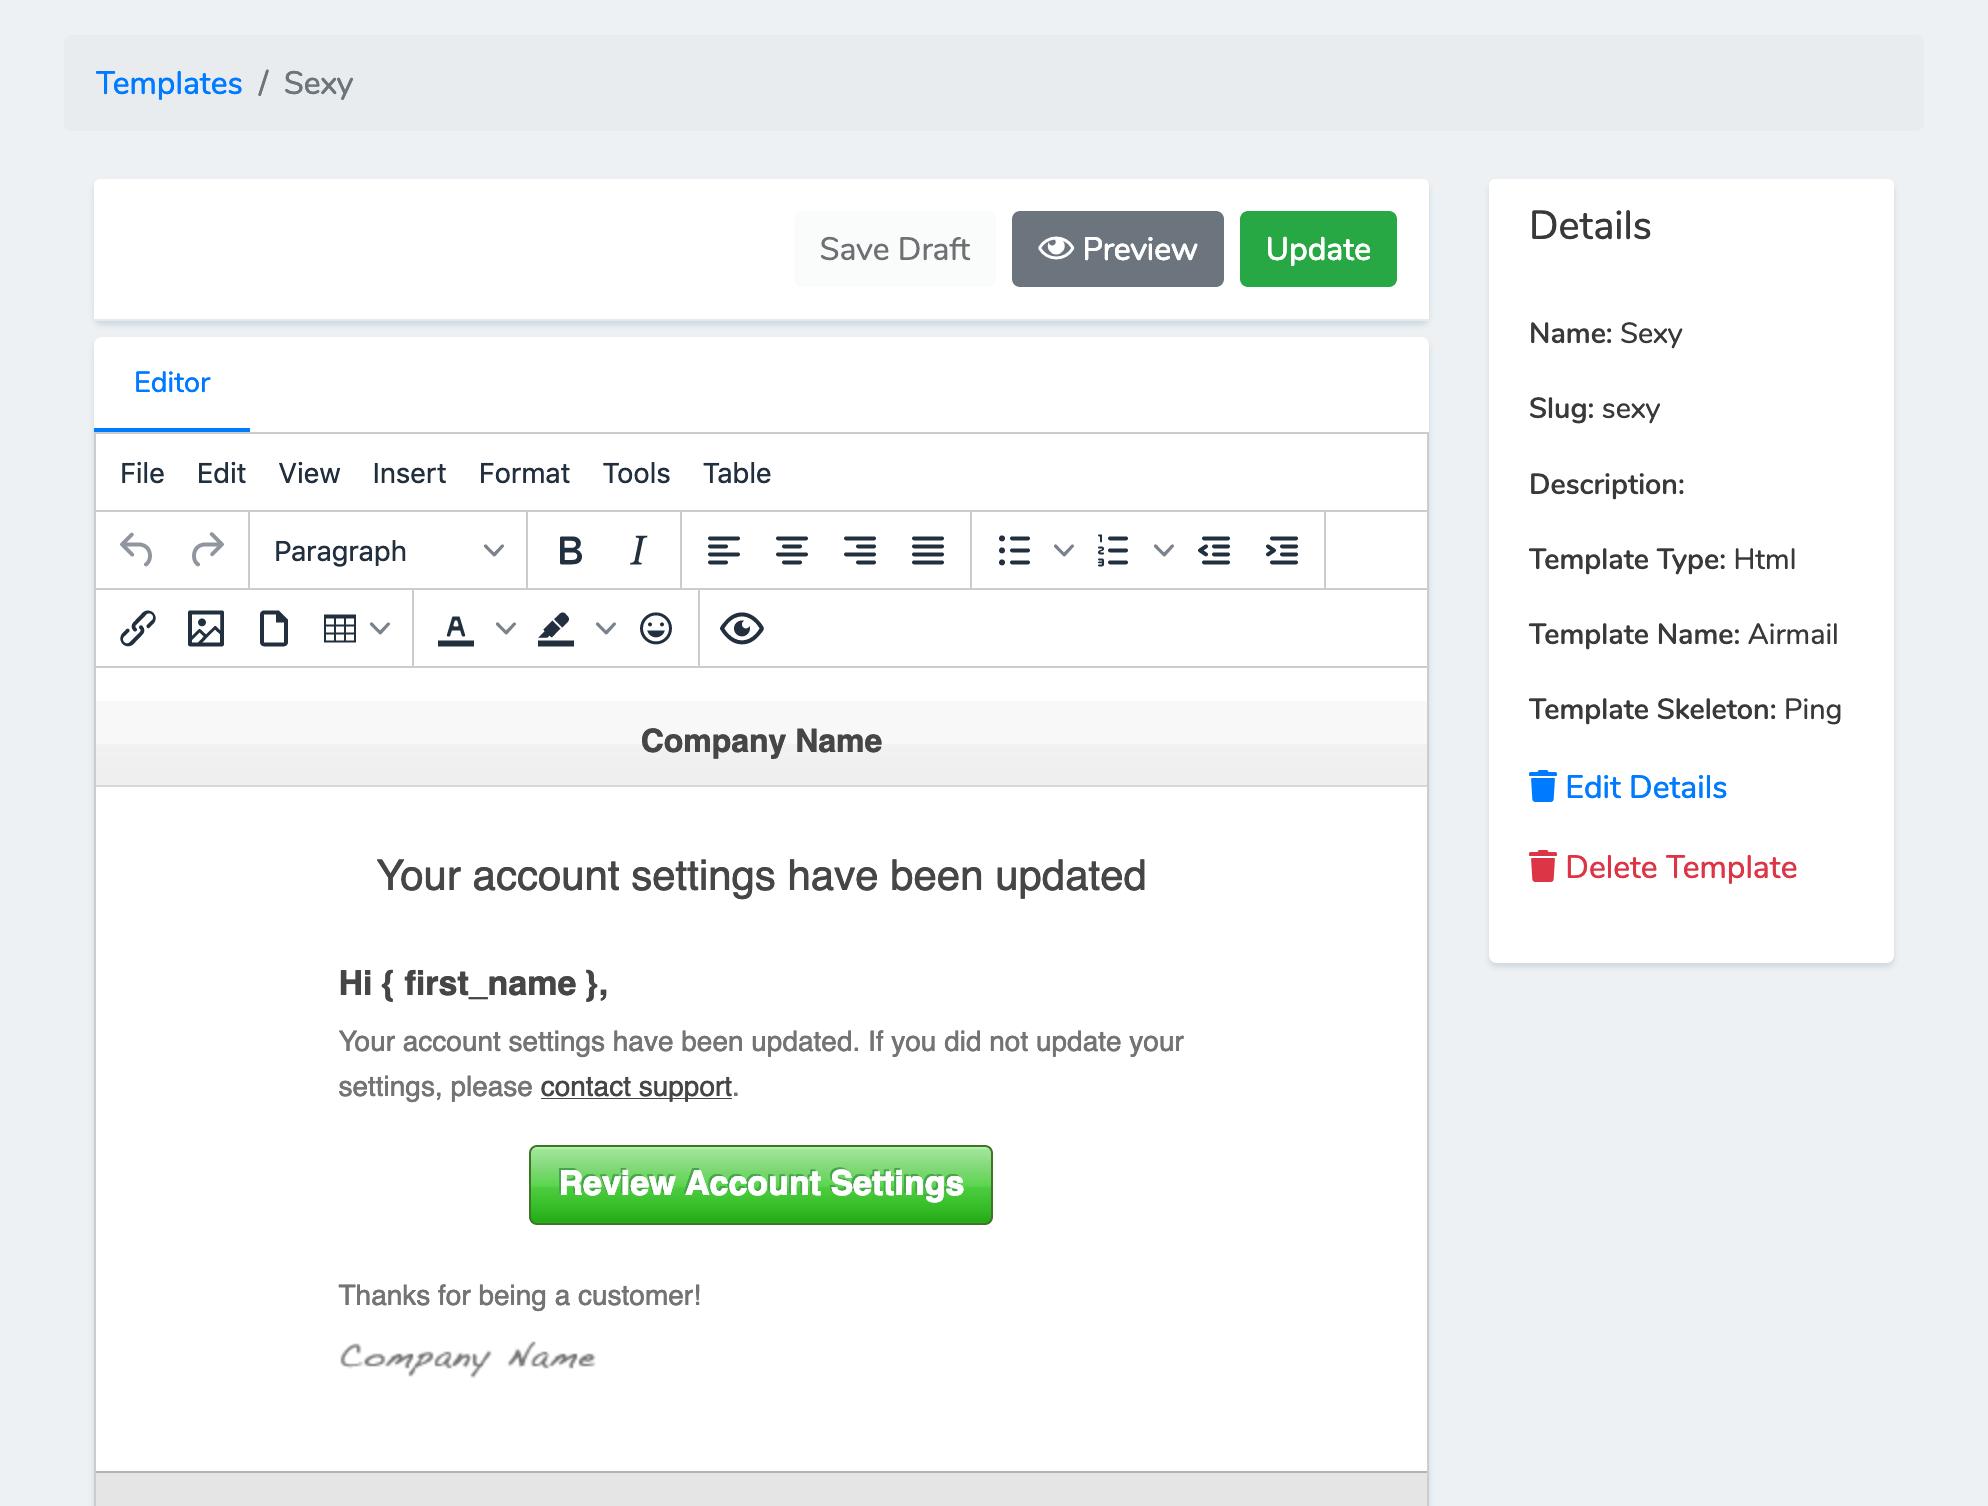 maileclipse-templates-create